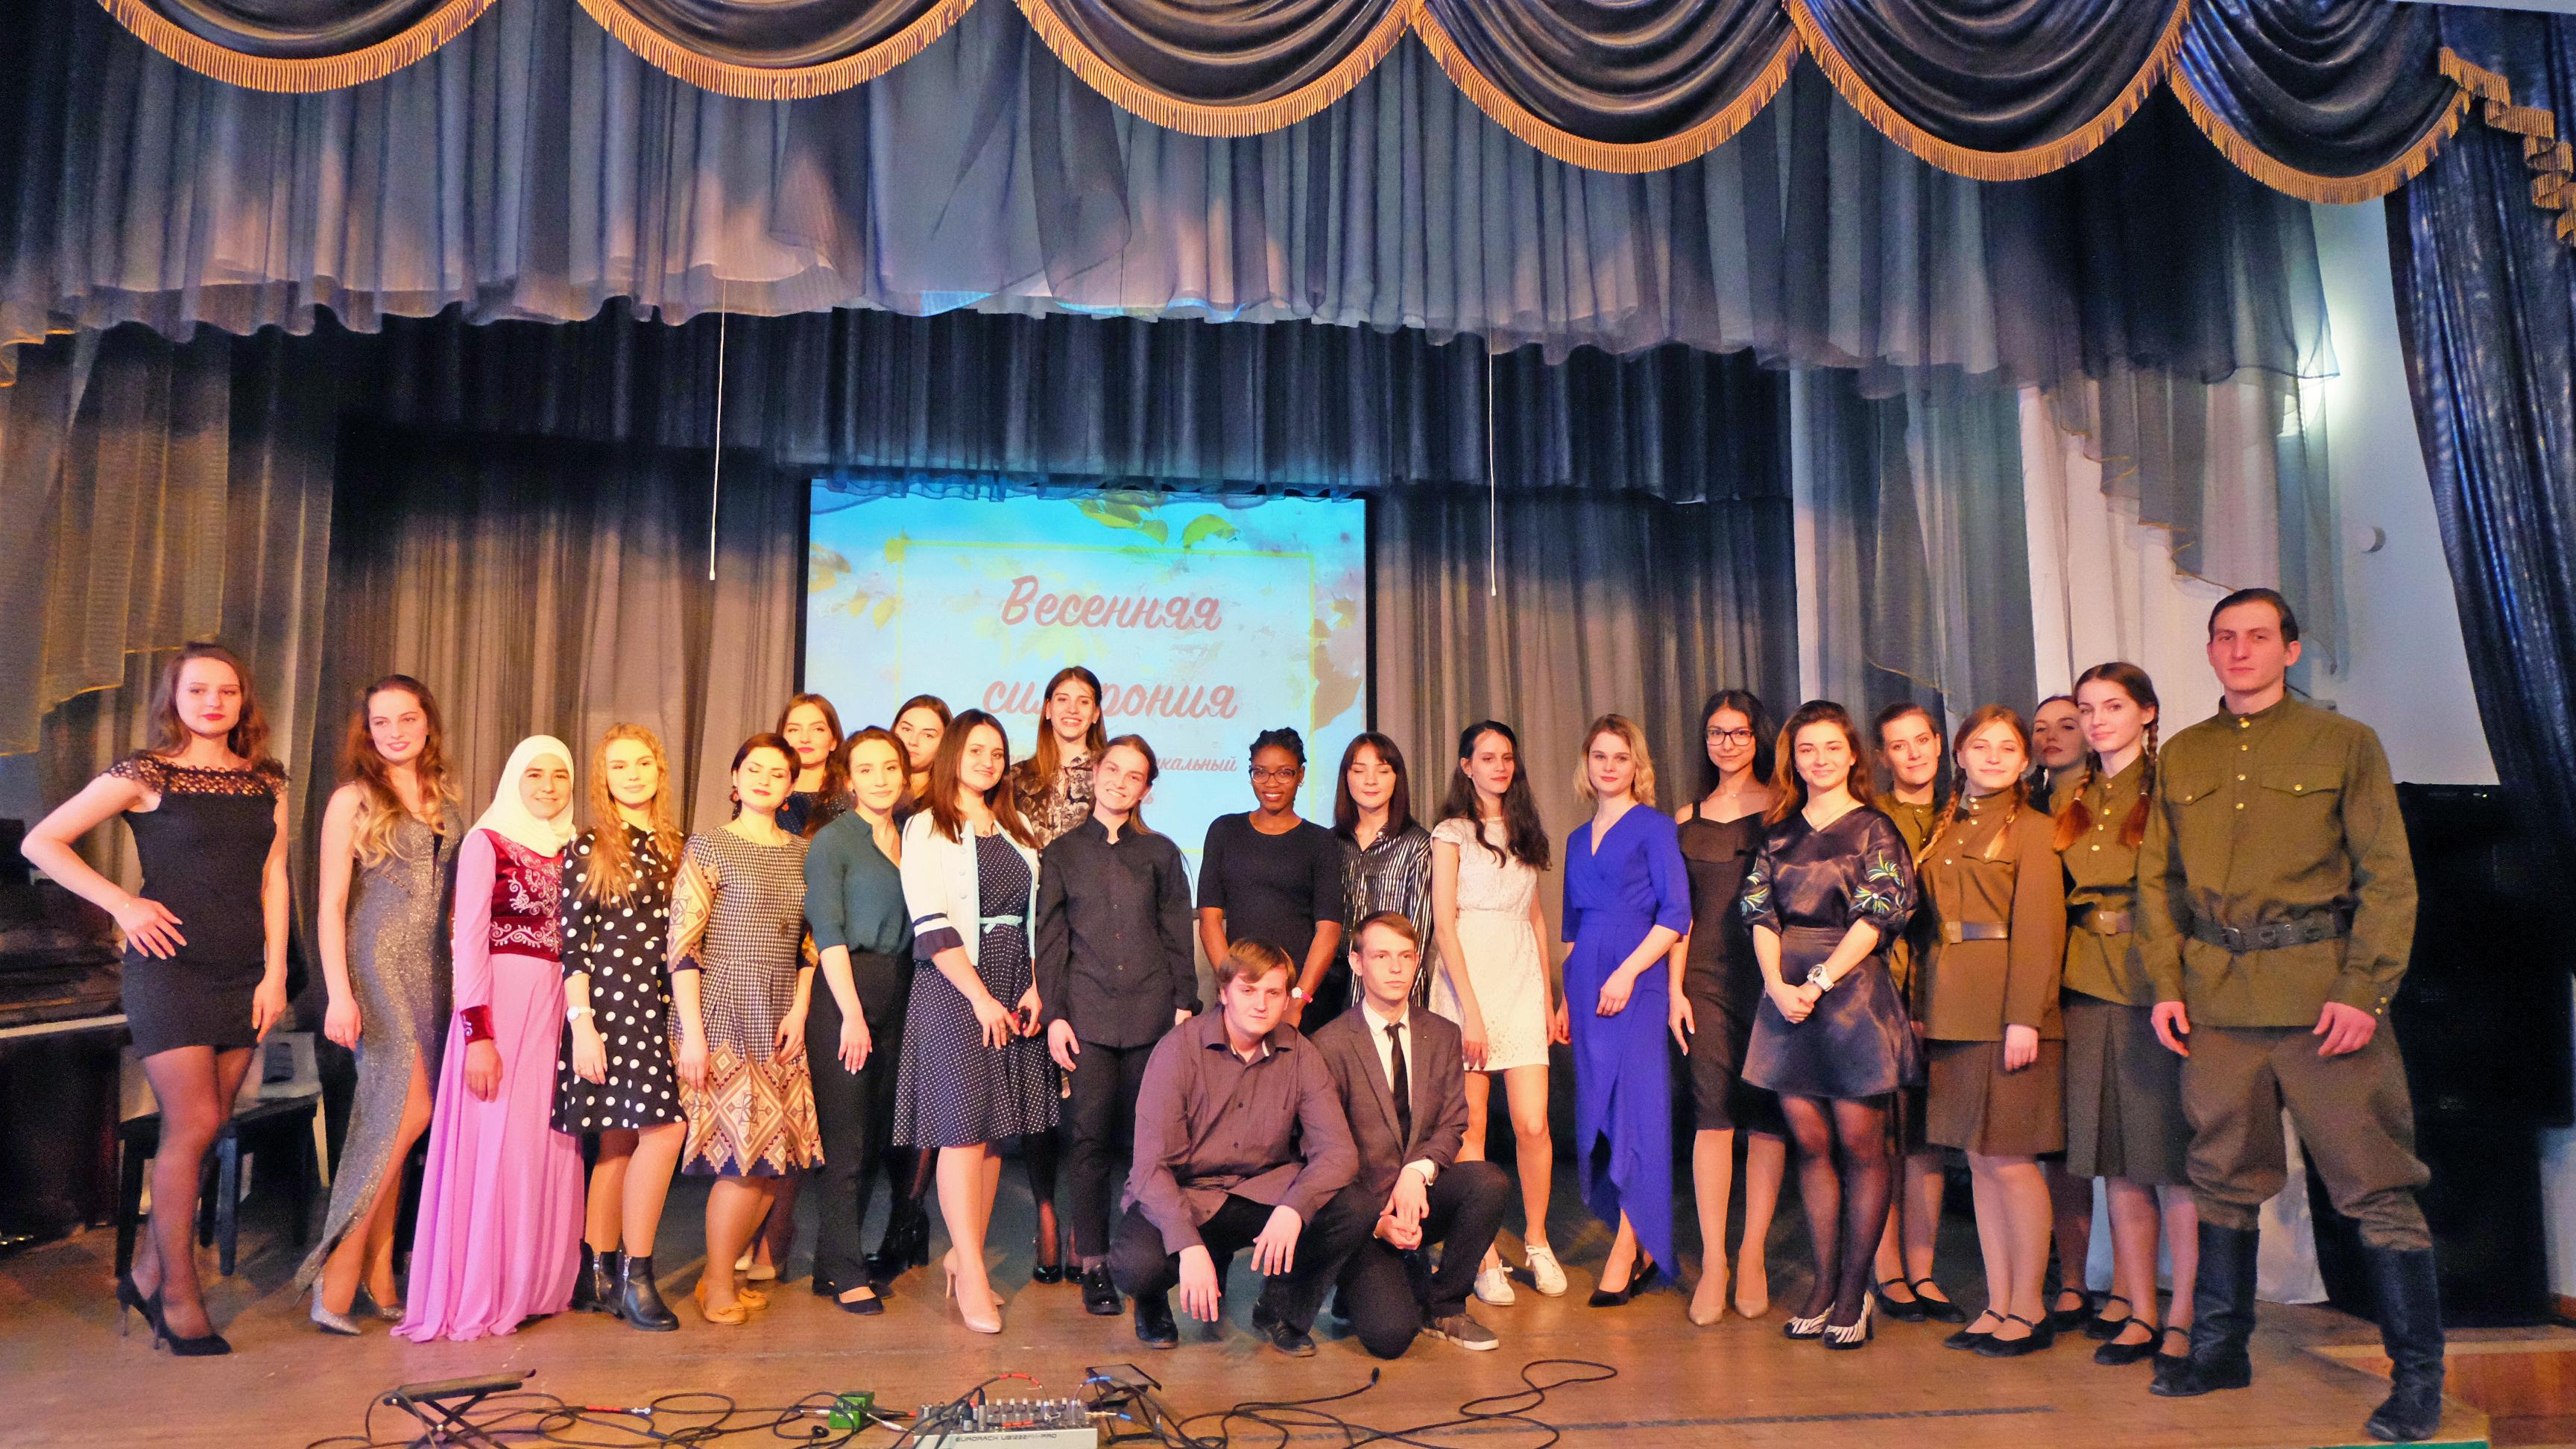 Литературно-музыкальный фестиваль «Весенняя симфония» открыл новые молодые таланты